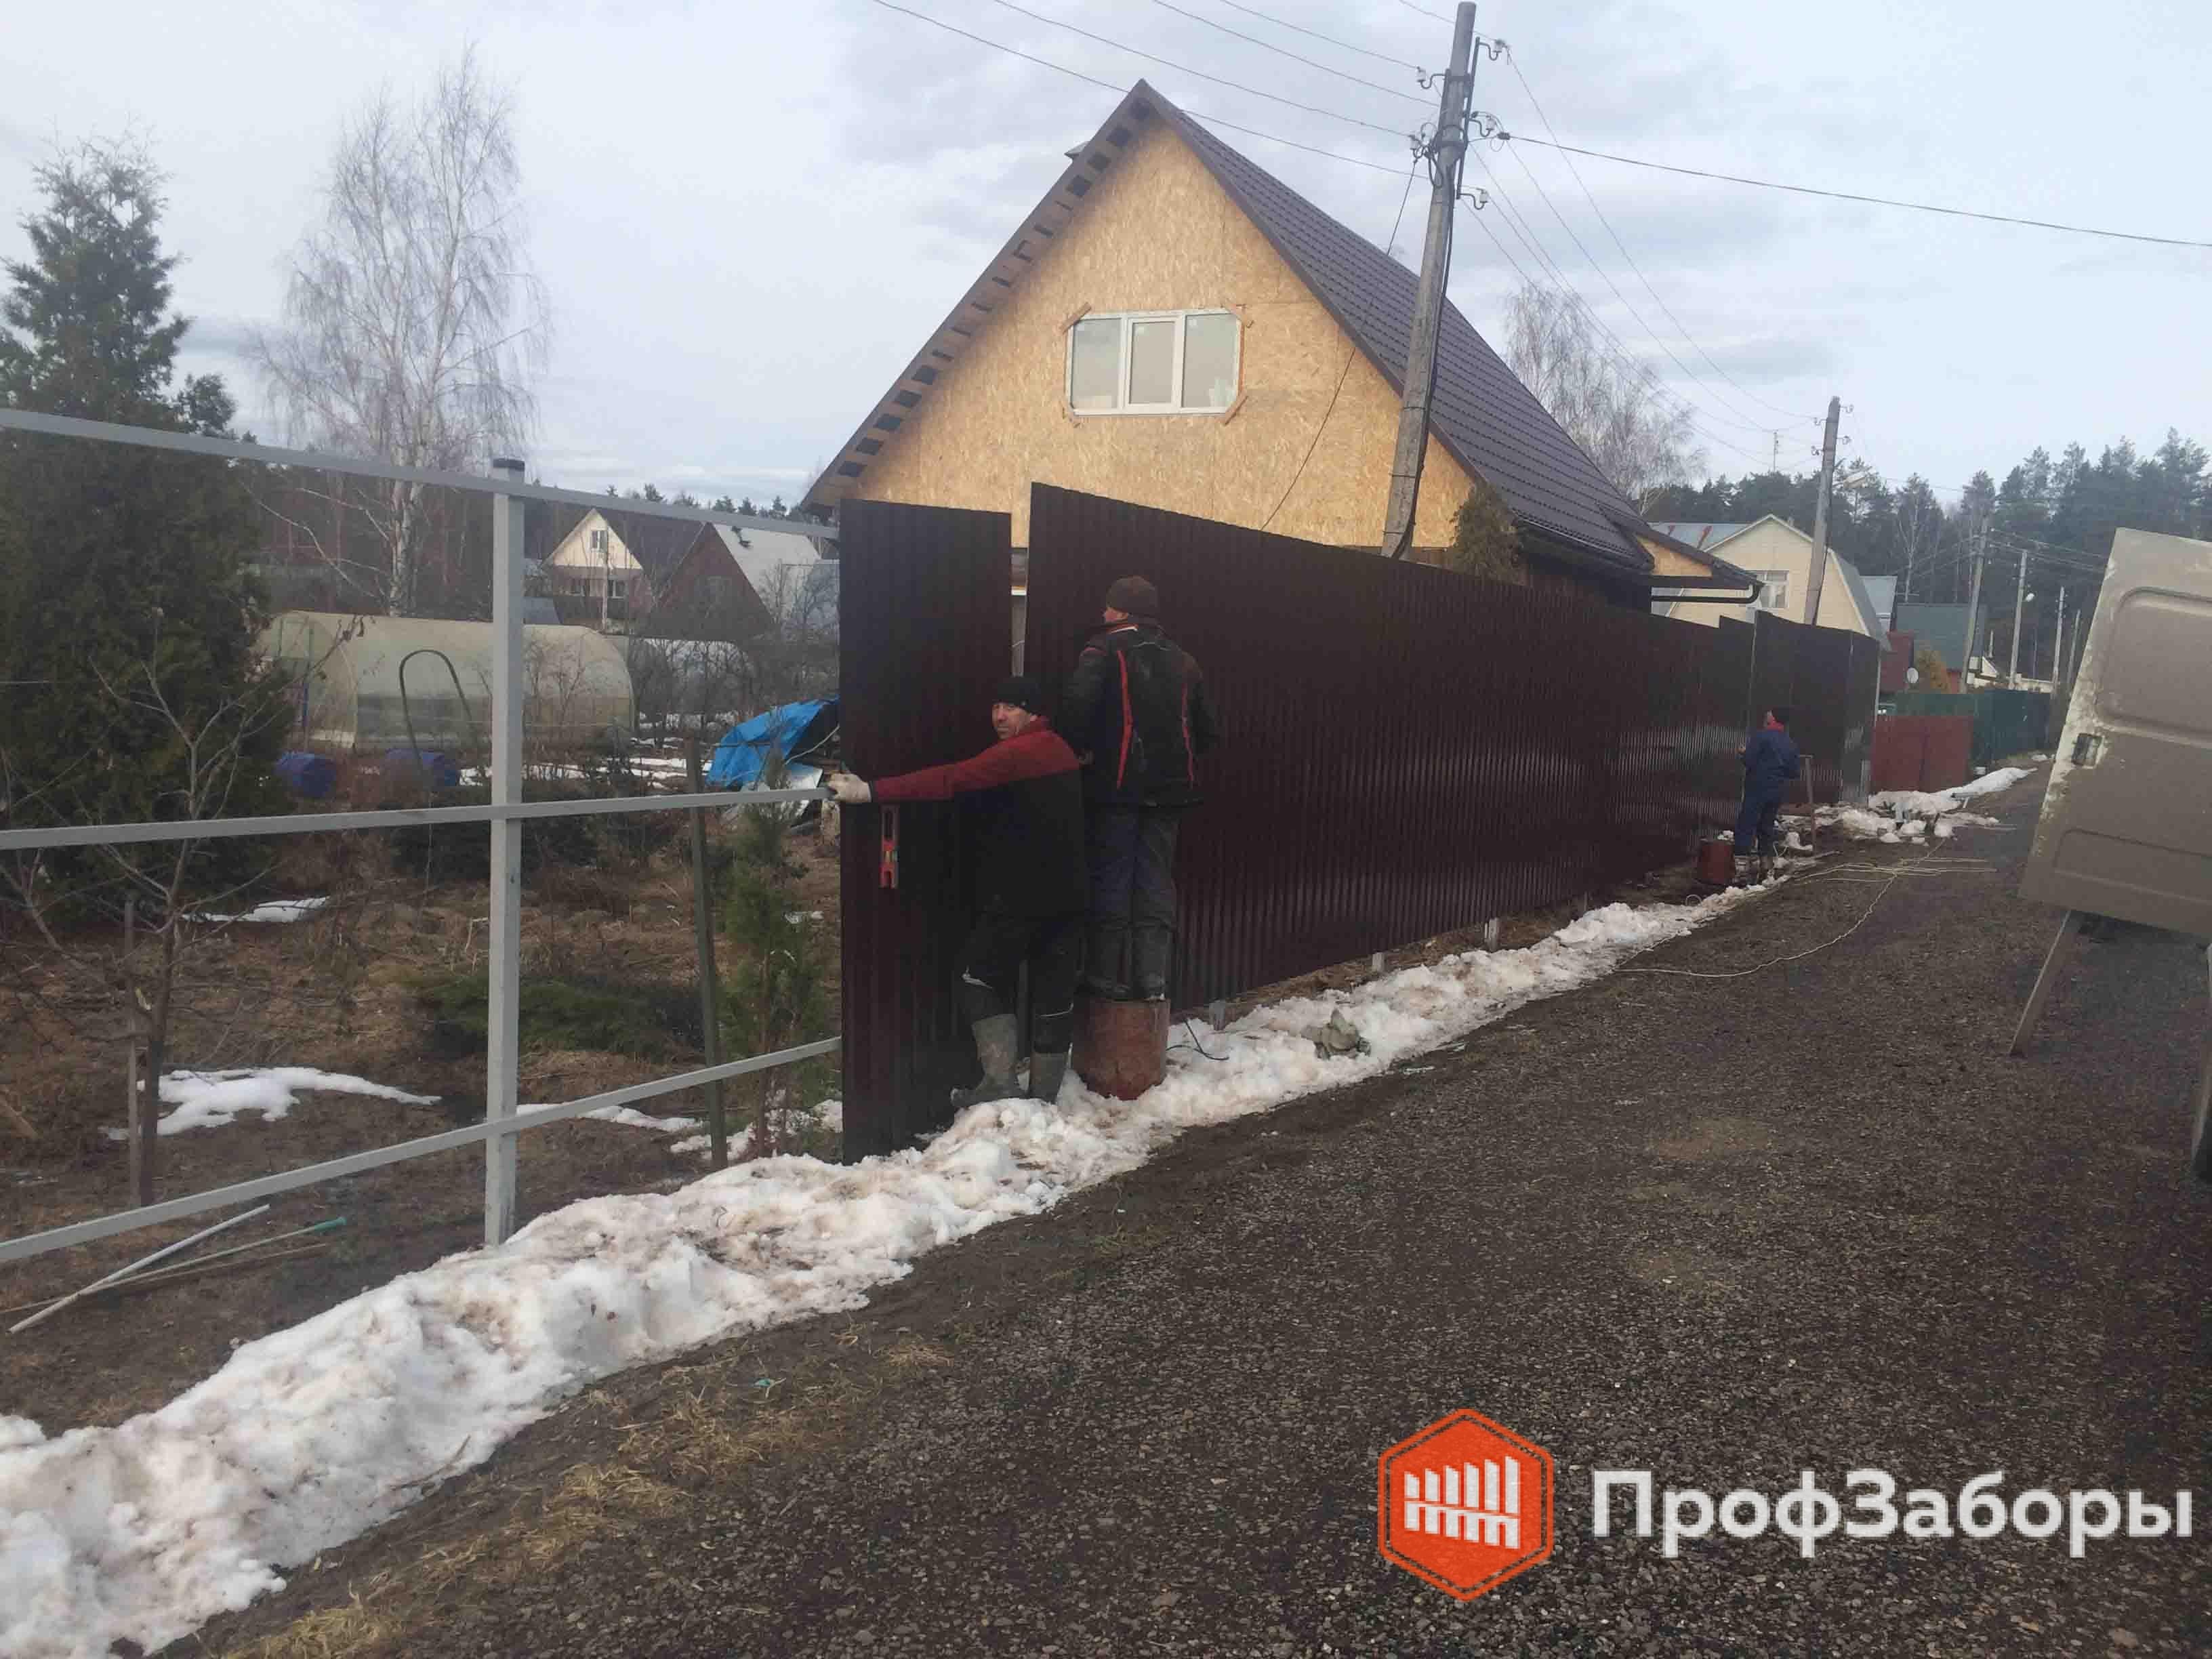 Заборы Из профнастила  - Владимирская область. Фото 4